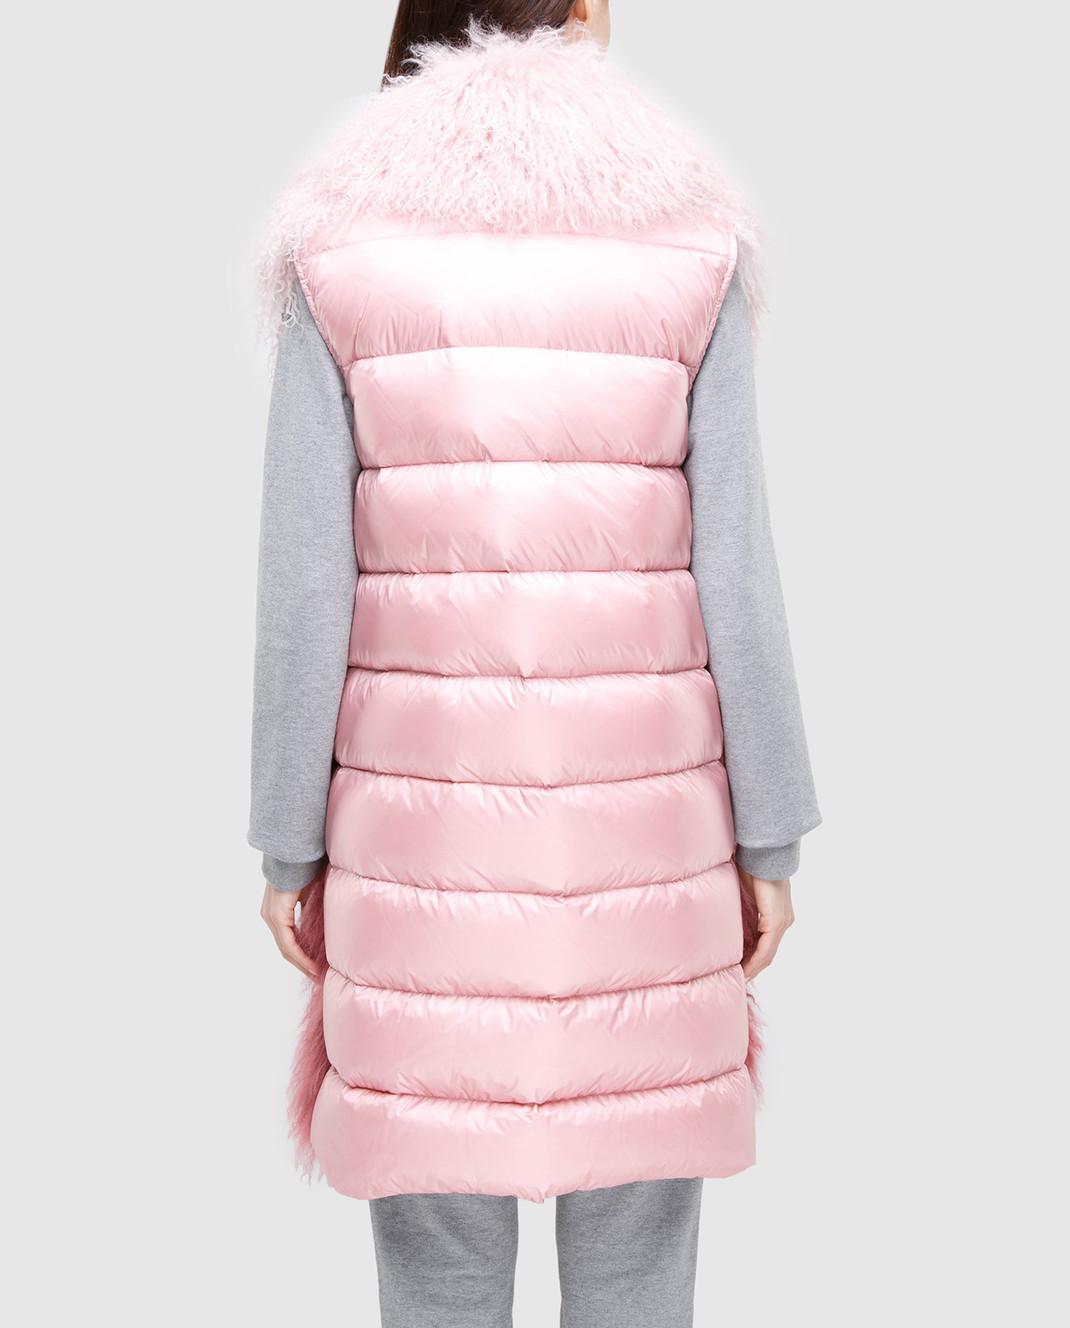 Moncler Розовый жилет из меха ягненка 48938 изображение 4